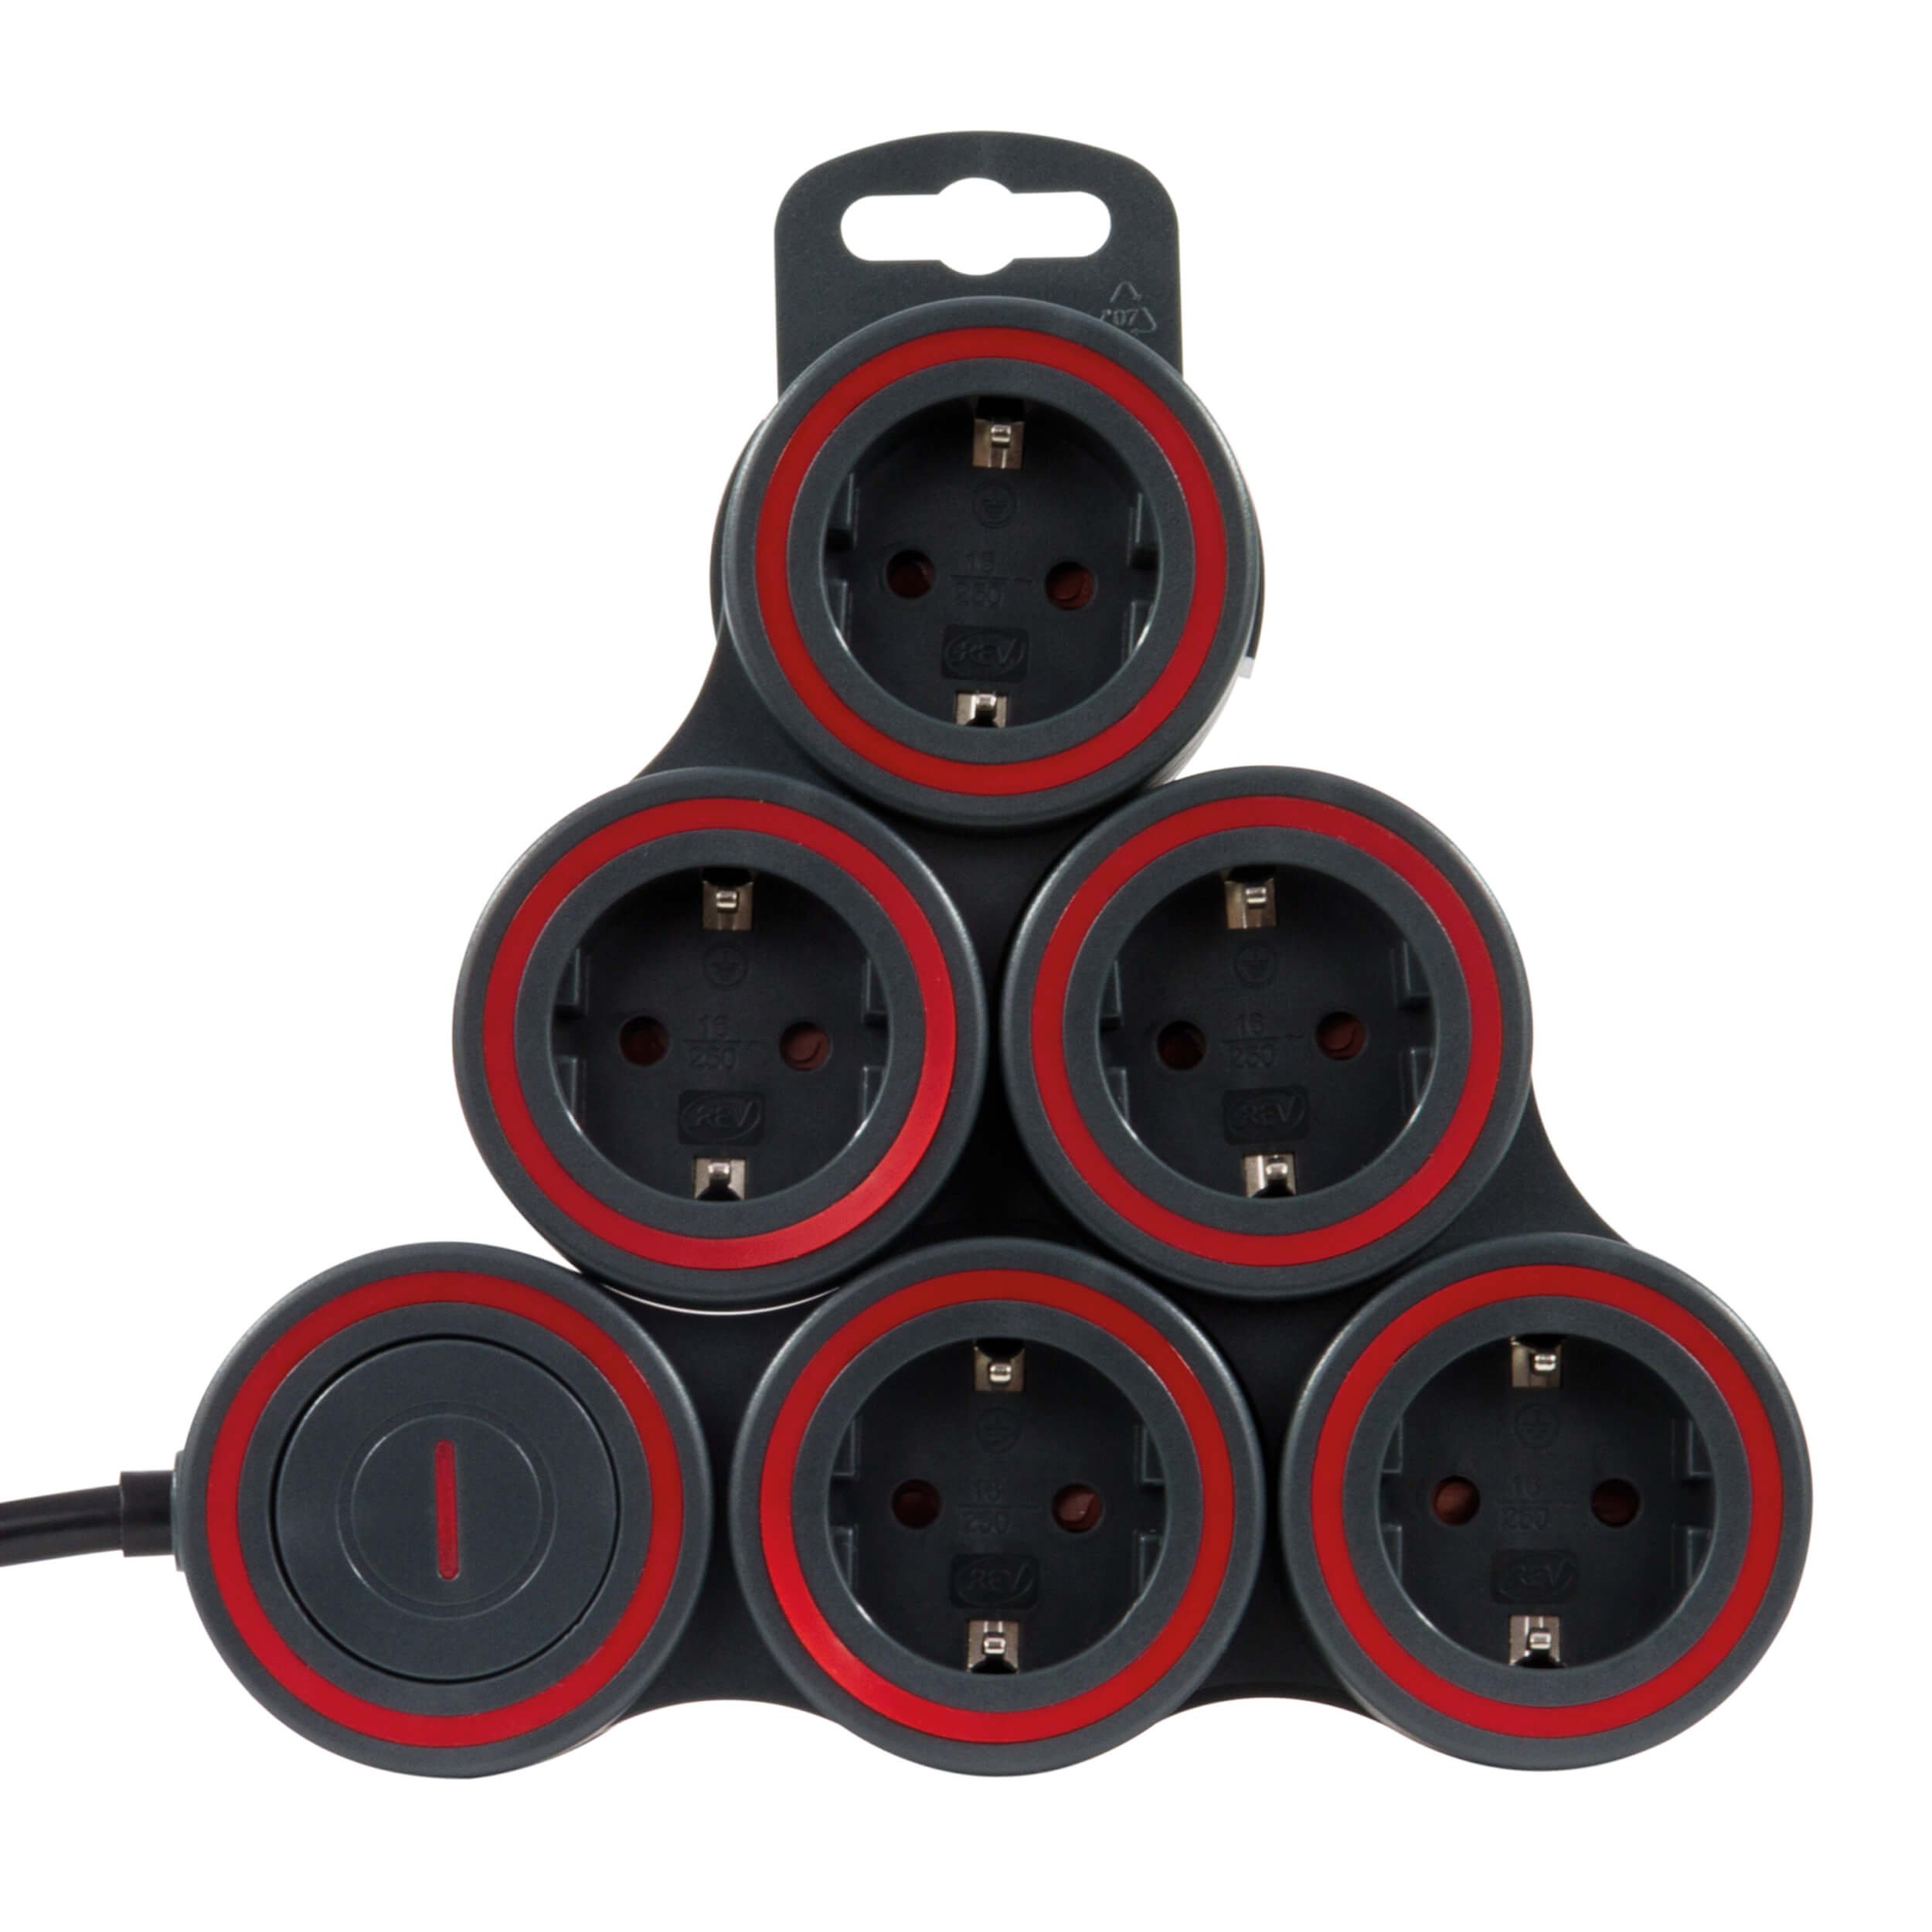 Steckdosenleiste SupraFlex - flexibel an die Umgebung anpassbar, 5-fach, bis 3500W, Zuleitung 140cm